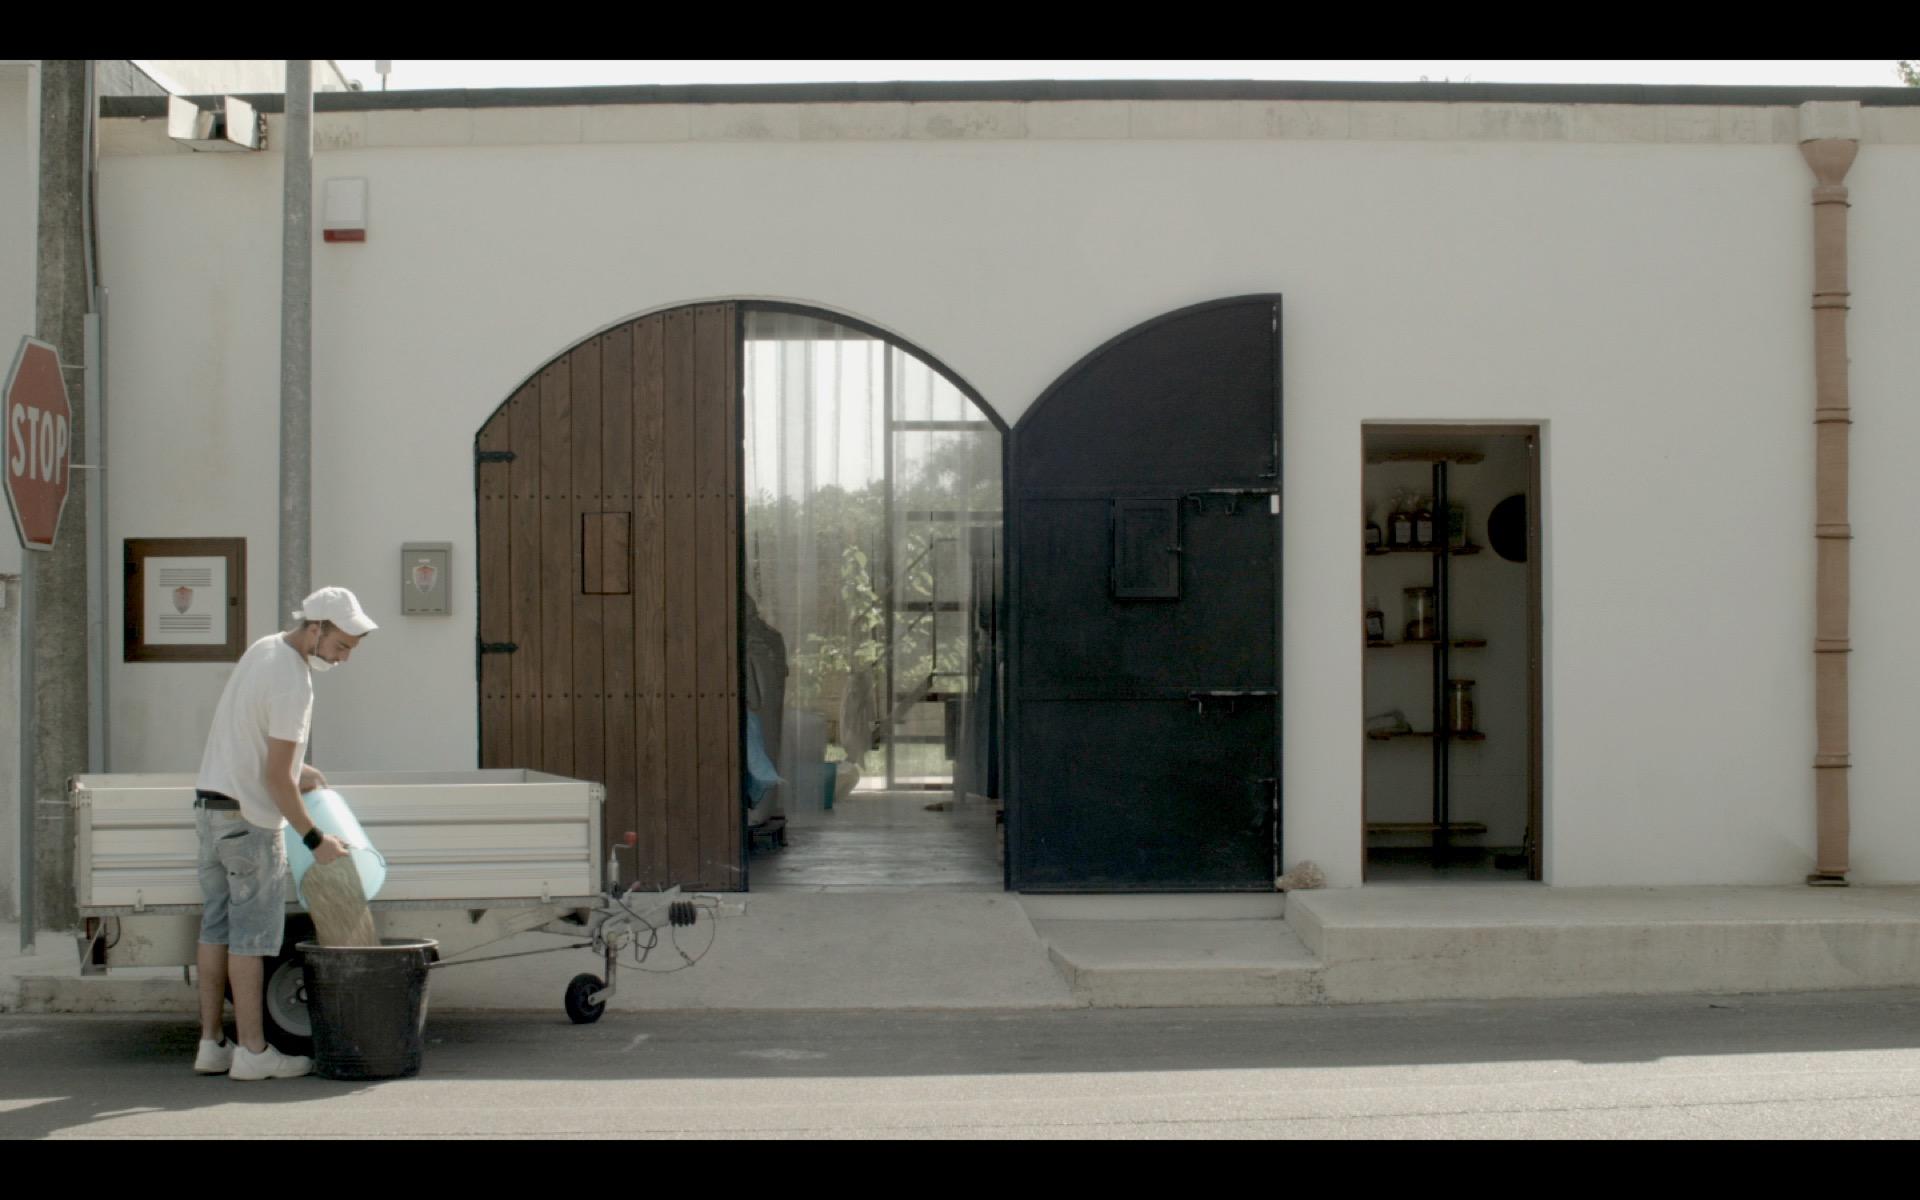 La Restanza, il nuovo documentario di Own Air, girato in Puglia